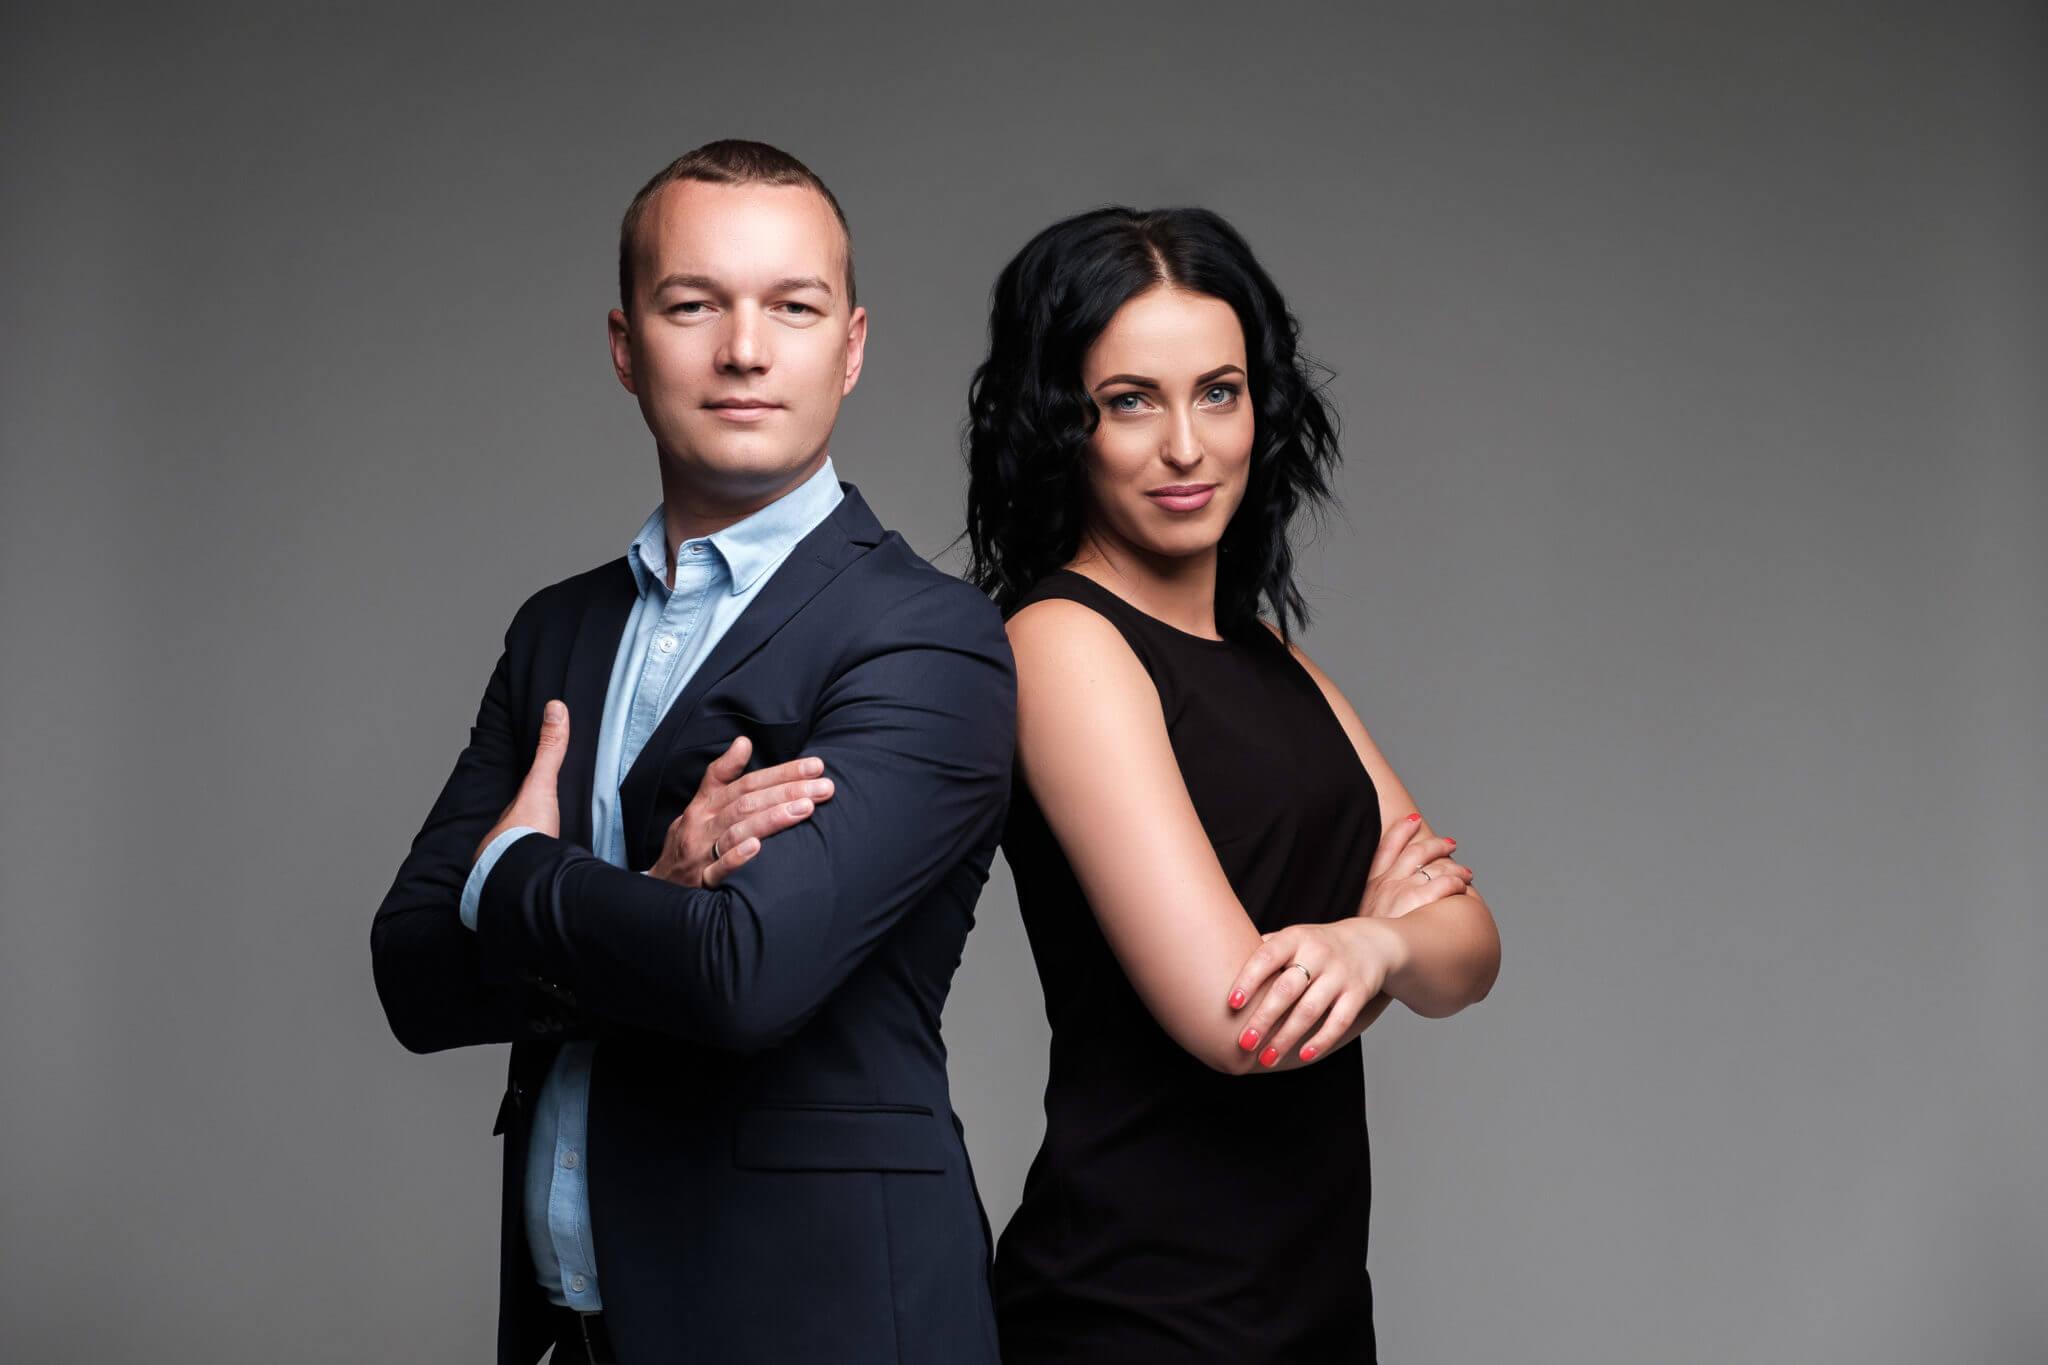 Деловой портрет, бизнес портфолио, портрет мужчины и девушки, спина к спине, серый фон